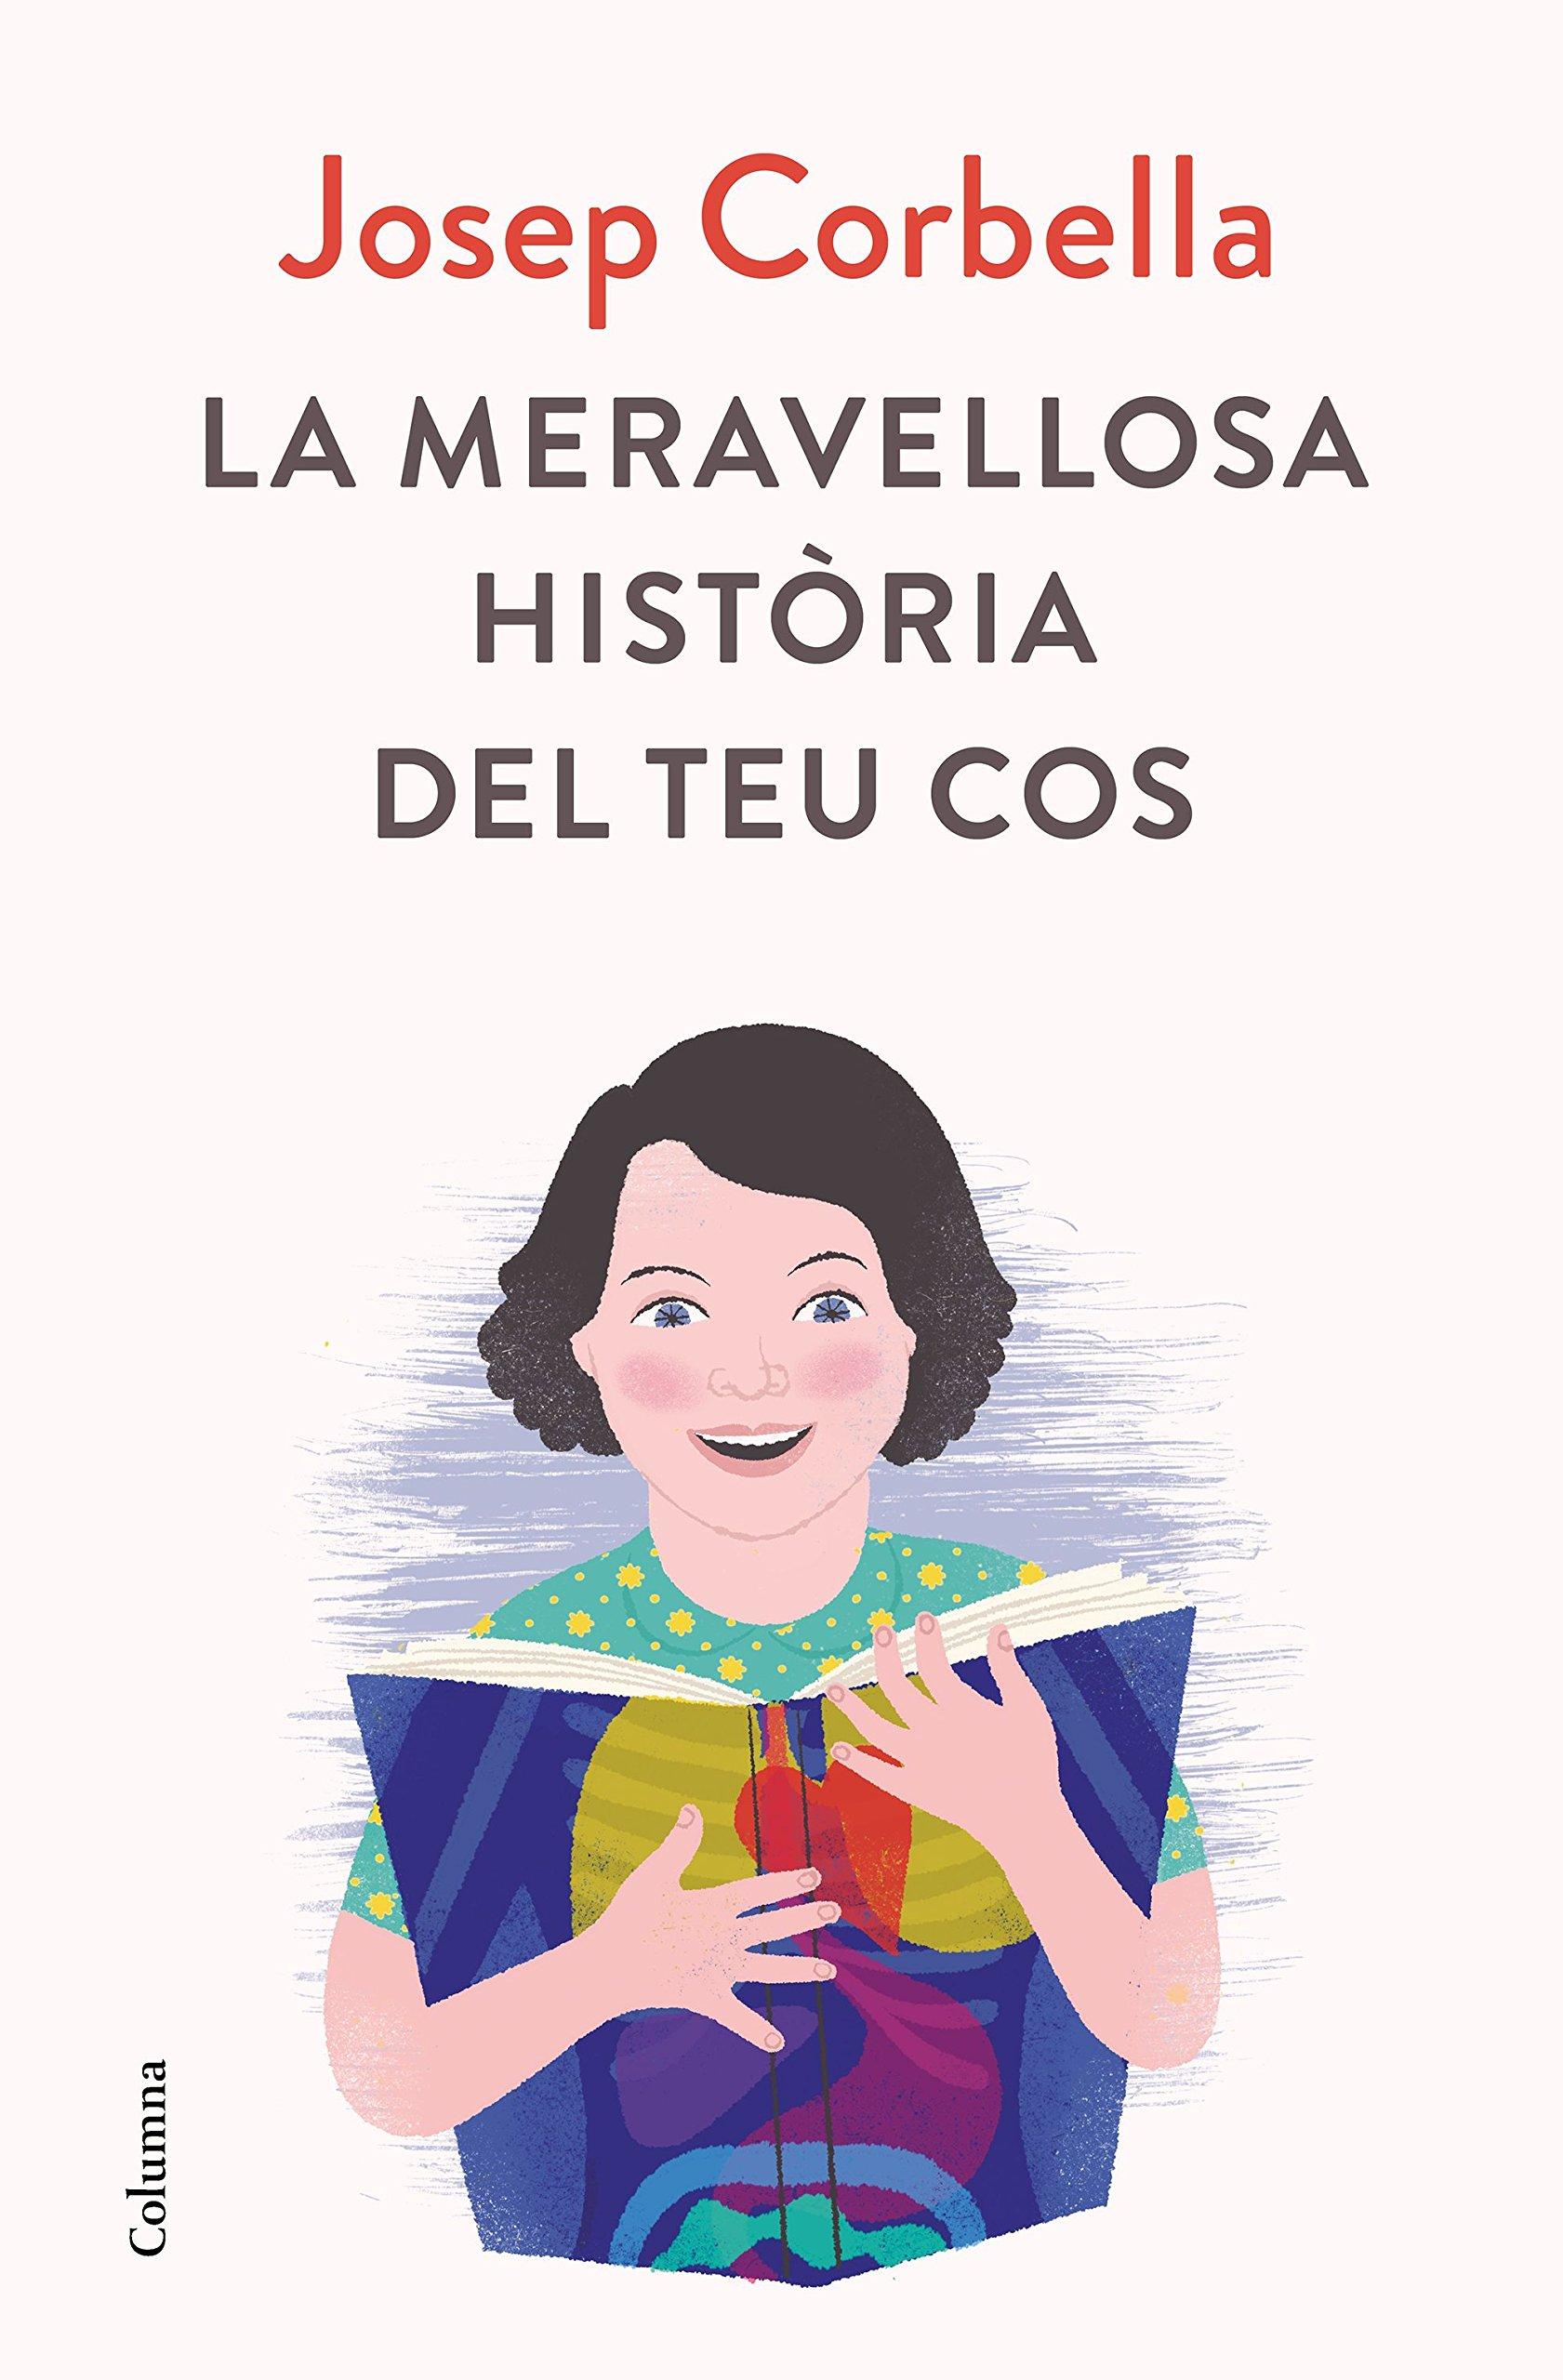 La meravellosa història del teu cos (NO FICCIÓ COLUMNA) (Catalán) Tapa dura – 21 mar 2018 Josep Corbella Columna CAT 8466423591 Biology